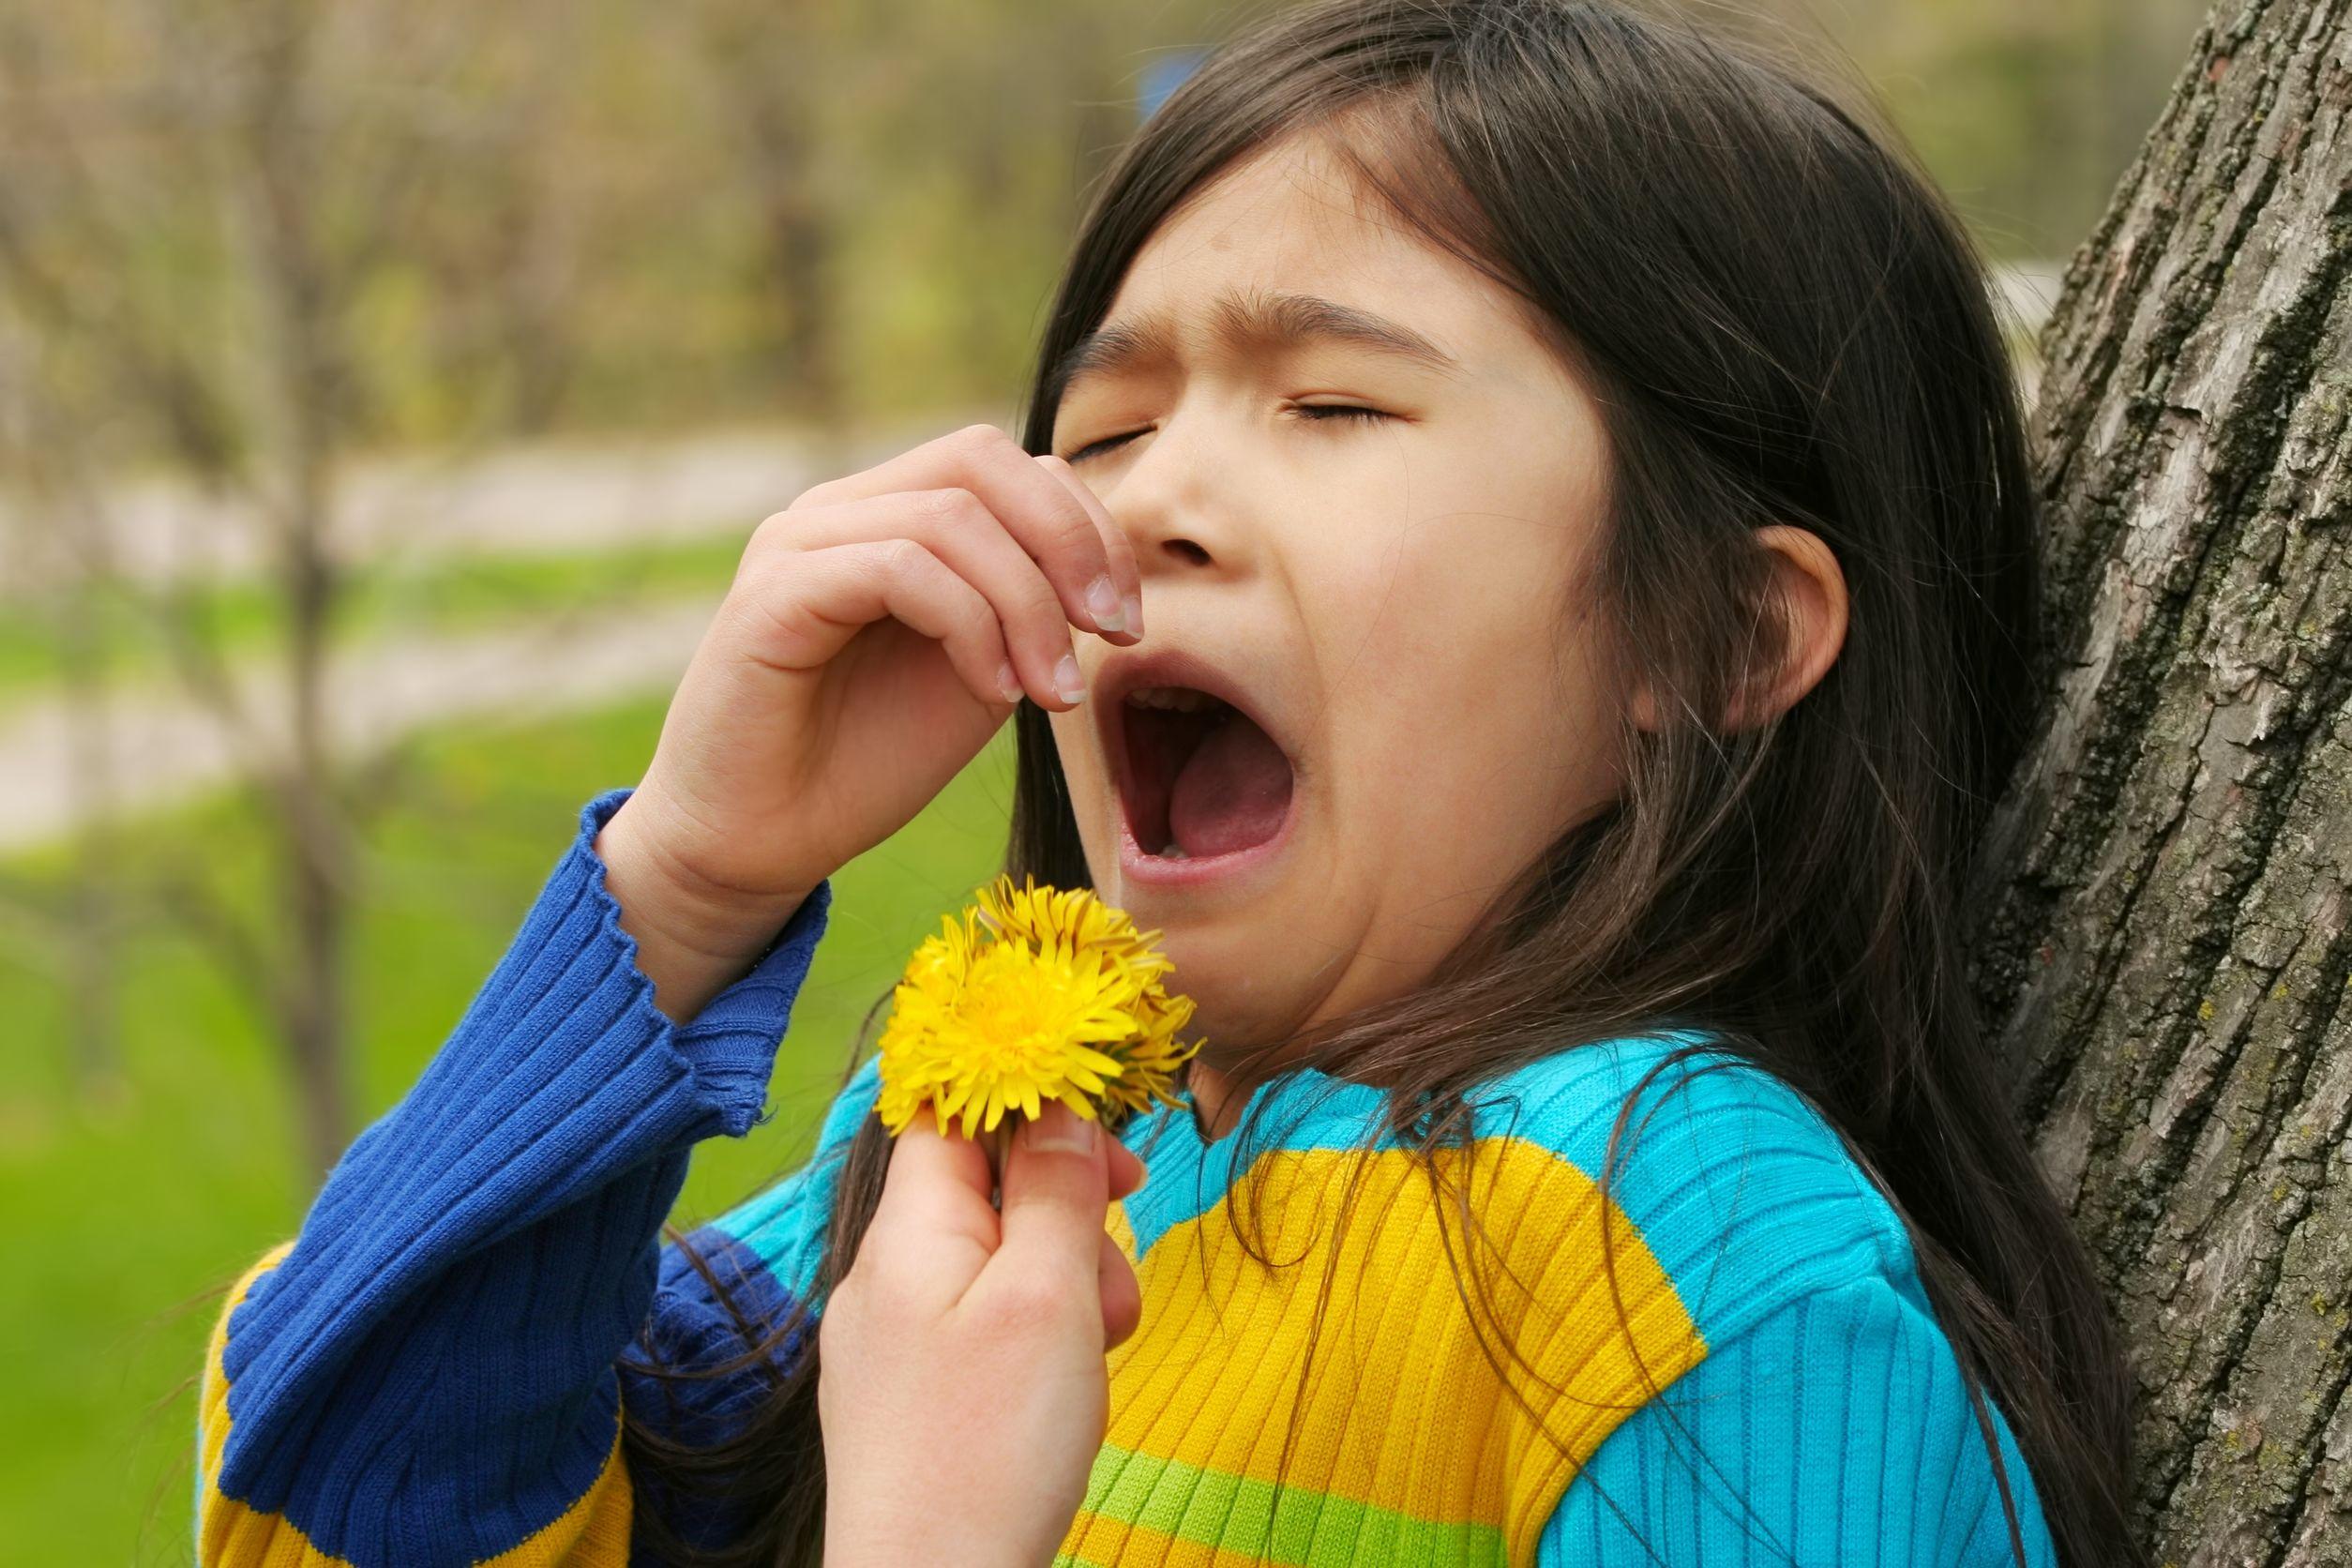 allergic to pollen